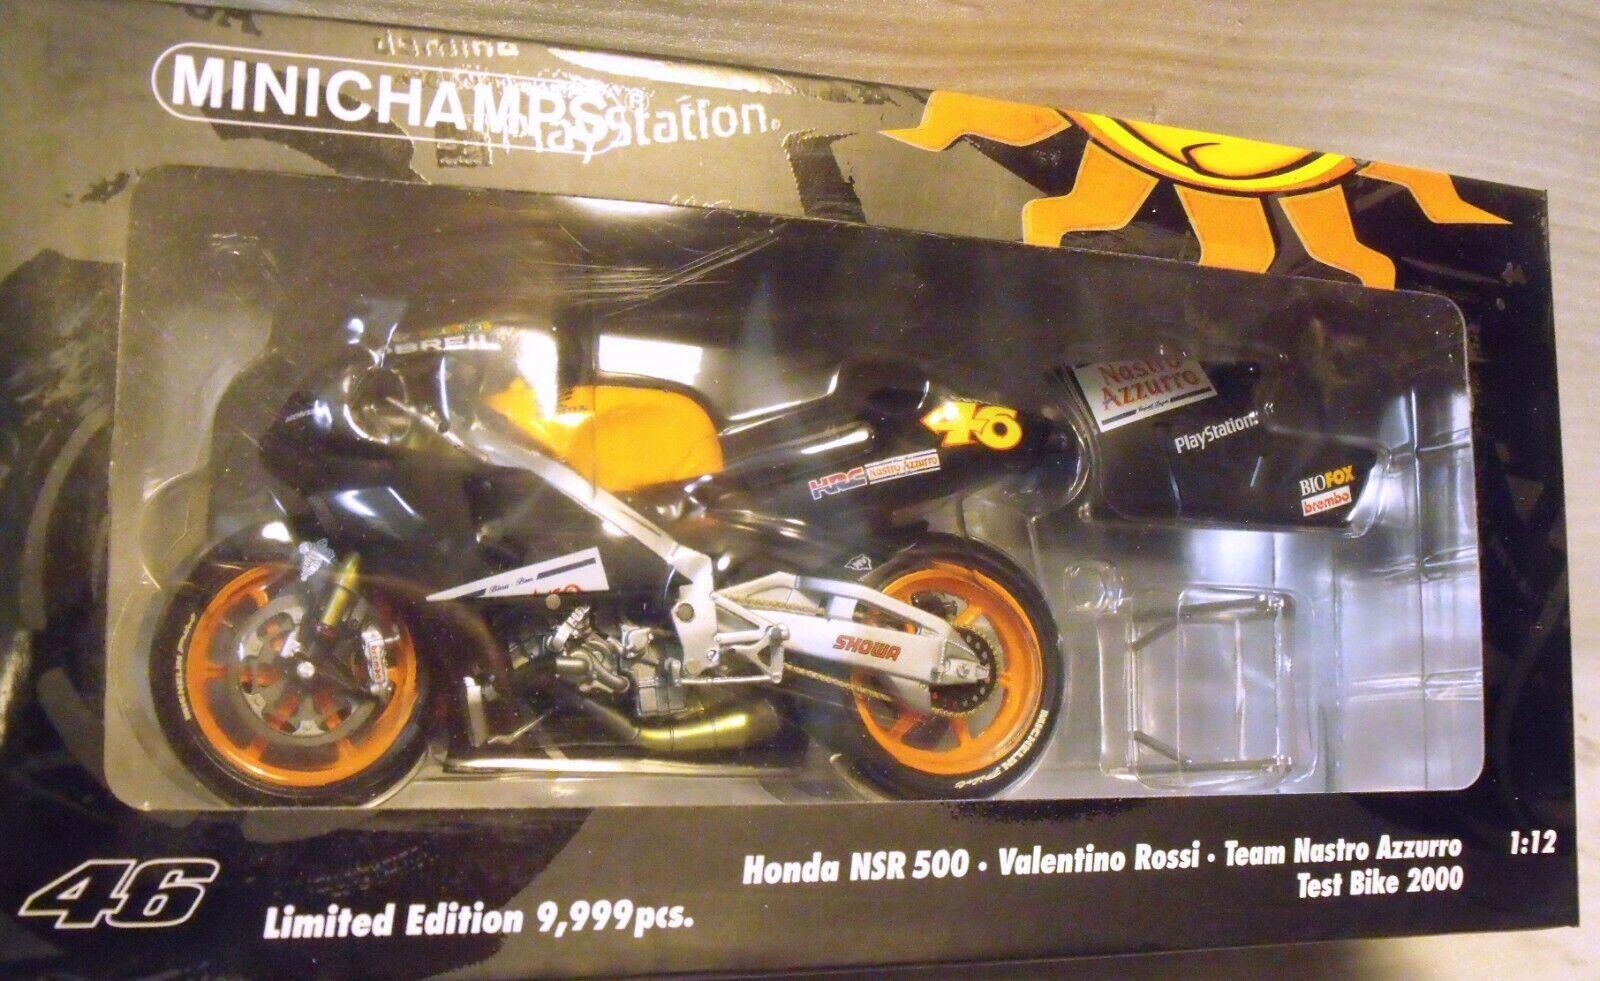 MINICHAMPS 1 12 - Valentino ROSSI - HONDA  NSR 500 Nastro Azzurro Test Bike 2000  livraison rapide